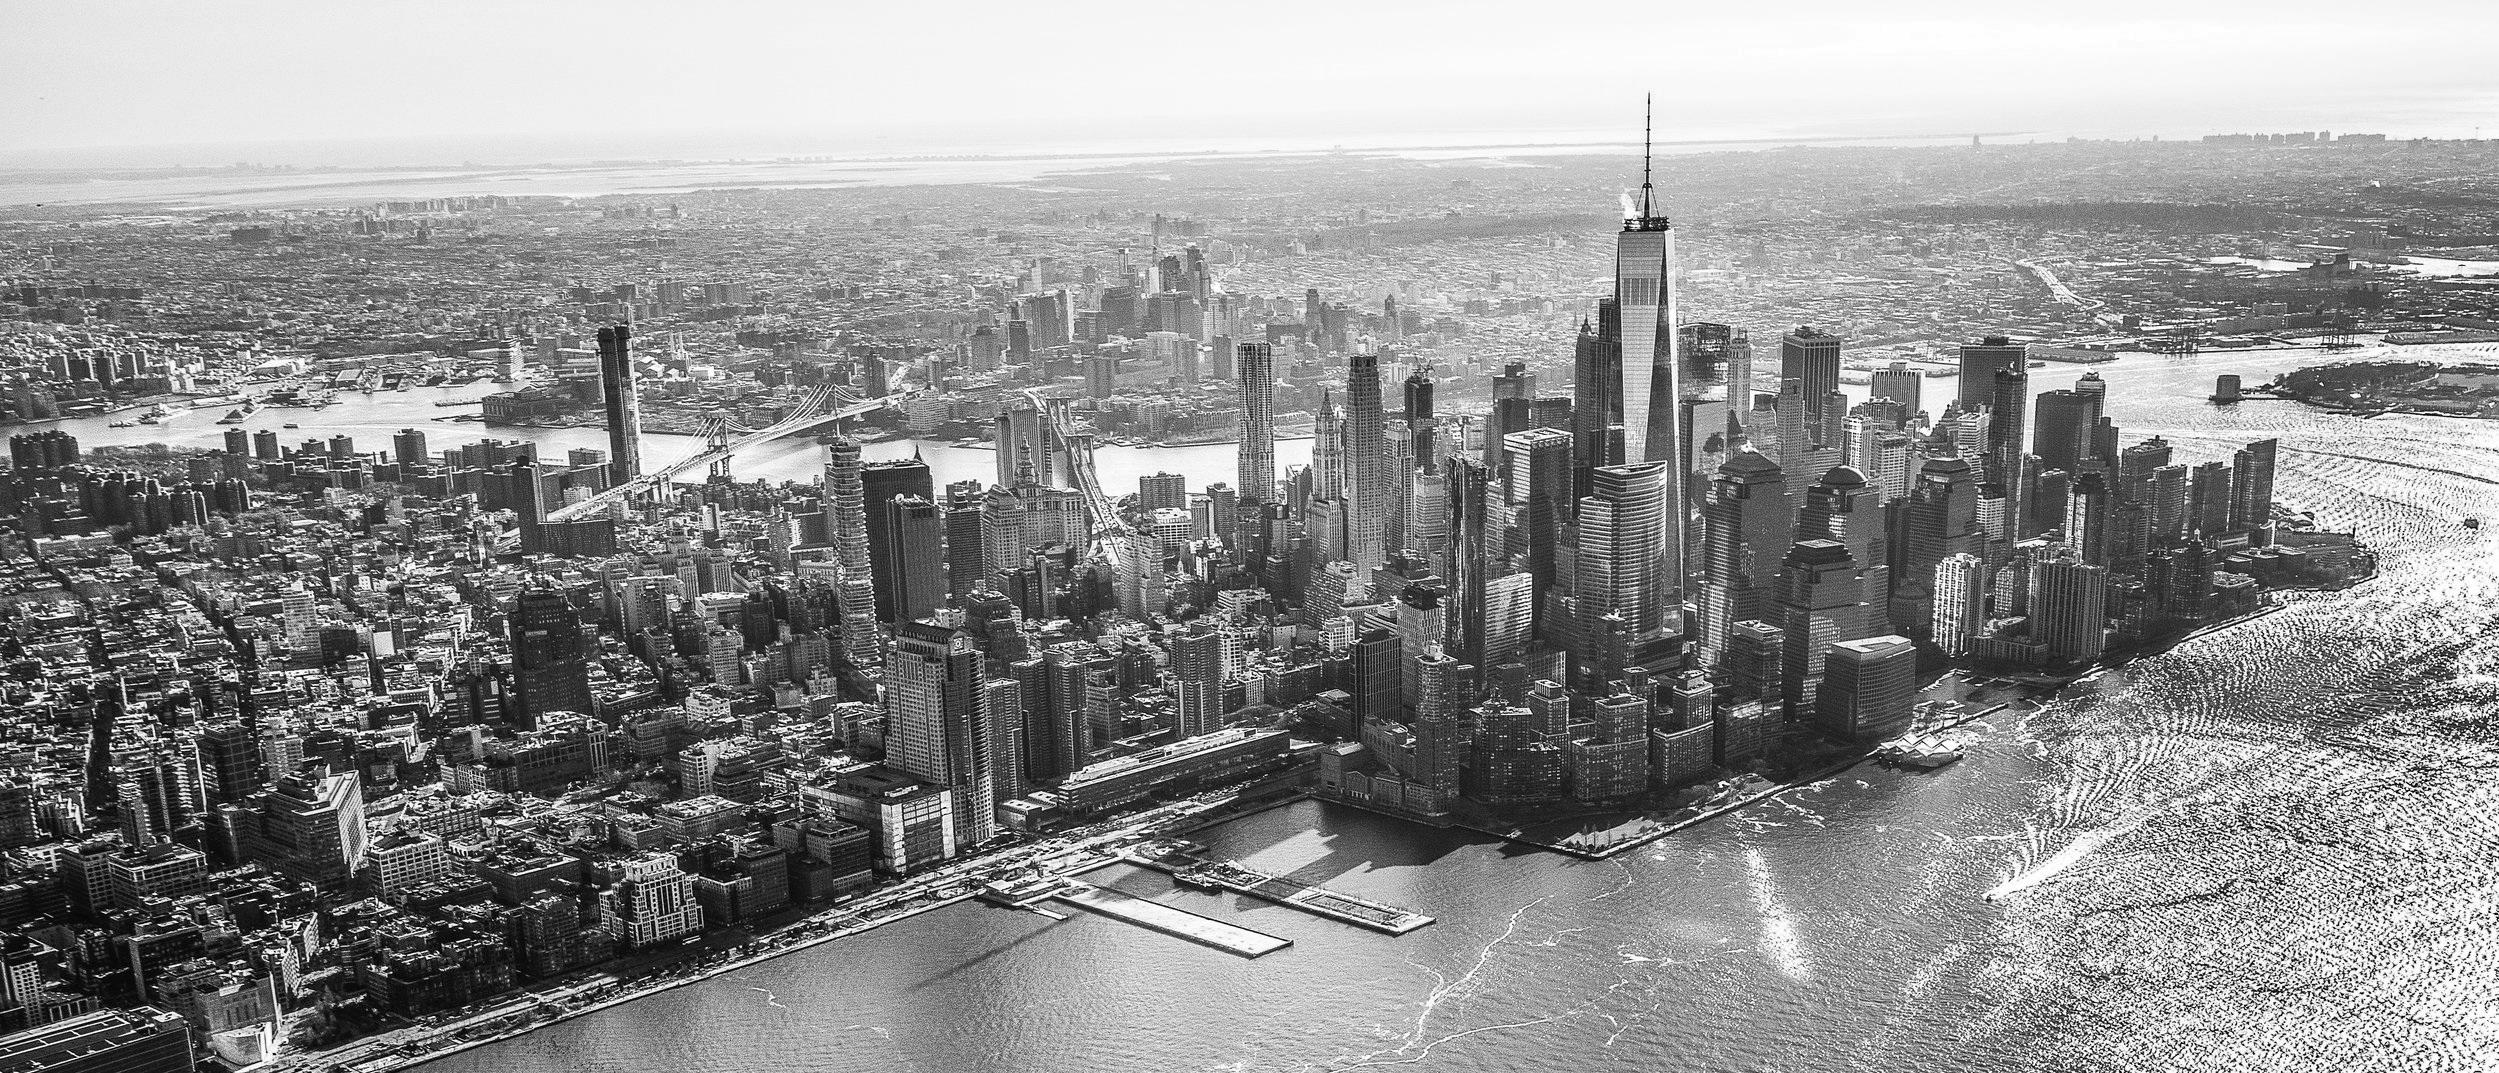 Upptäck fler sportresor till New York - Vi har fler mycket prisvärda resor för att uppleva NHL-hockey i New York